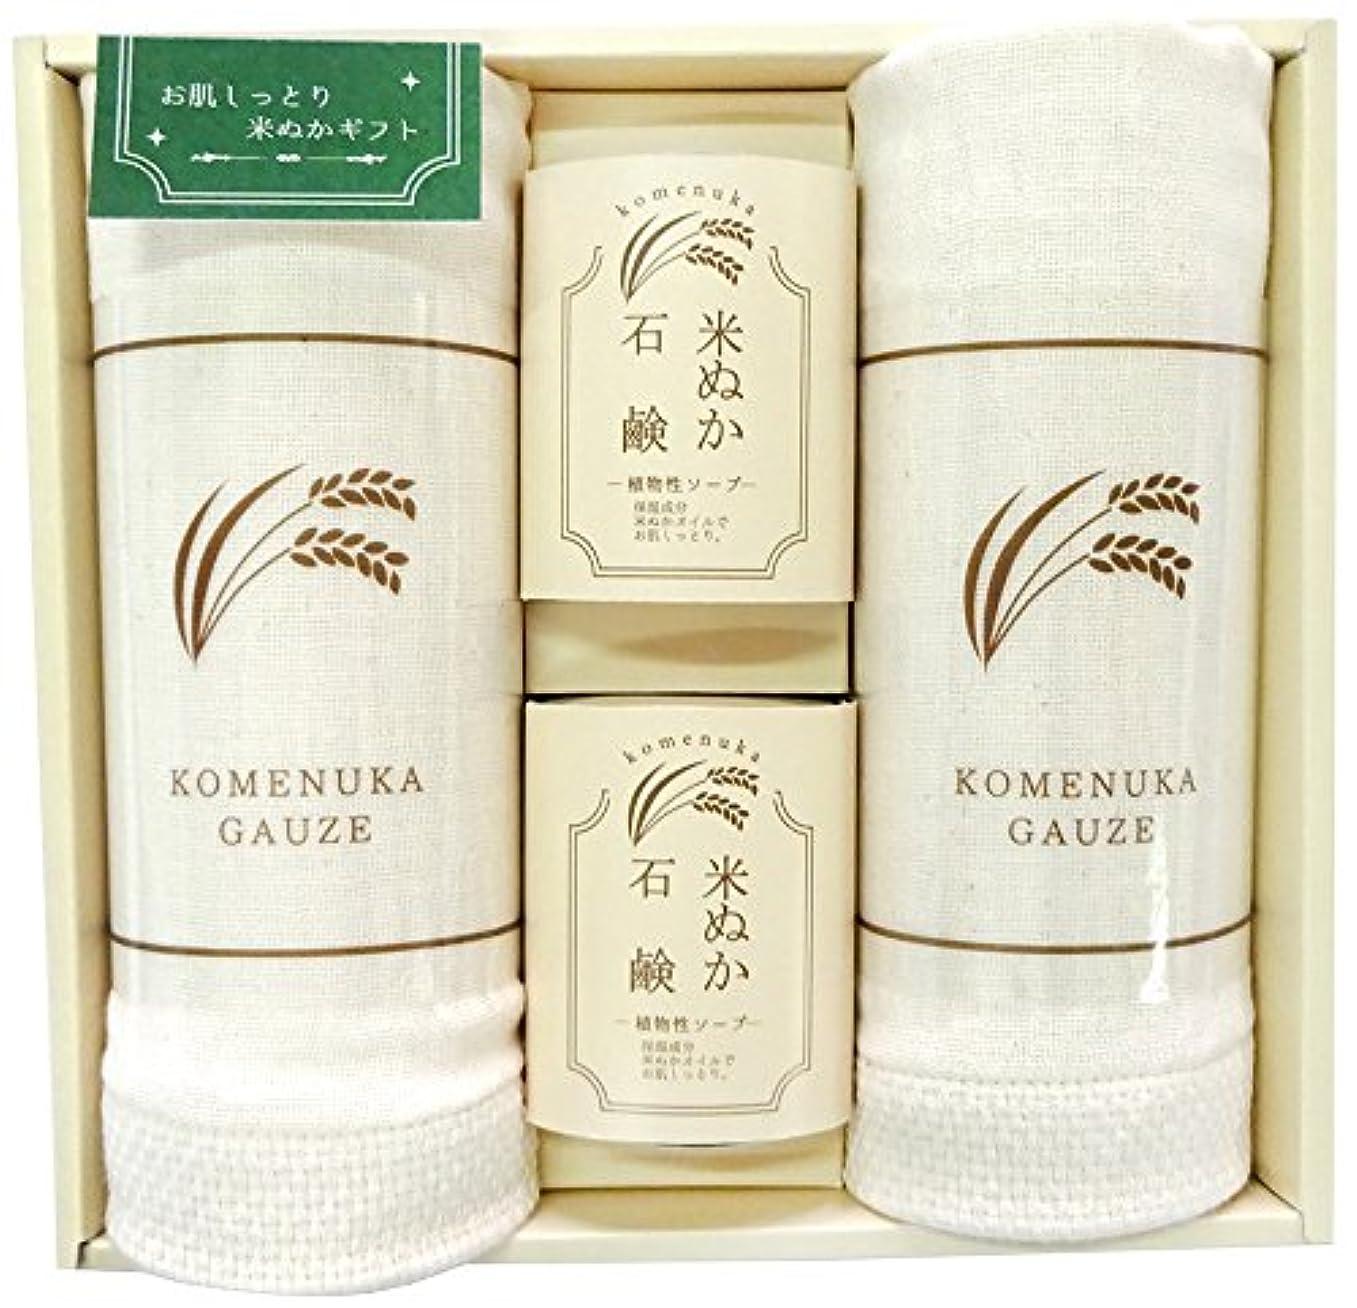 因子に対応するビタミン米ぬか健康ギフト (ウォッシュタオル×2・石鹸×2) KOMG-150